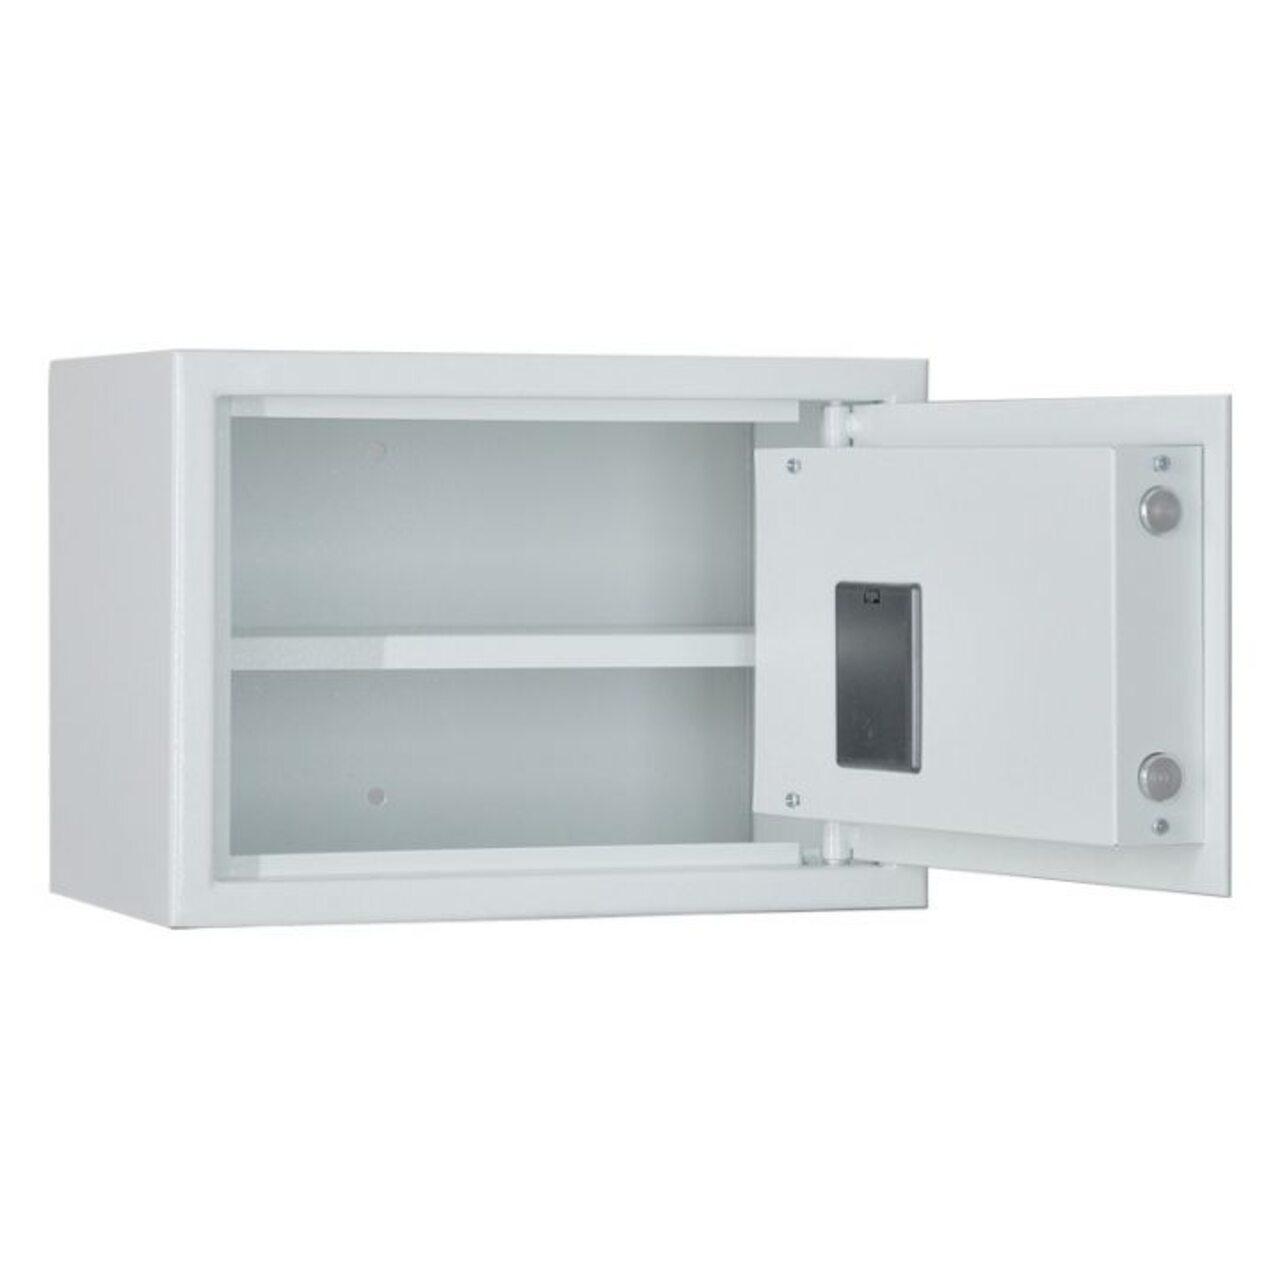 Шкаф мебельный с электронным замком ШМ-25Э - фото 2